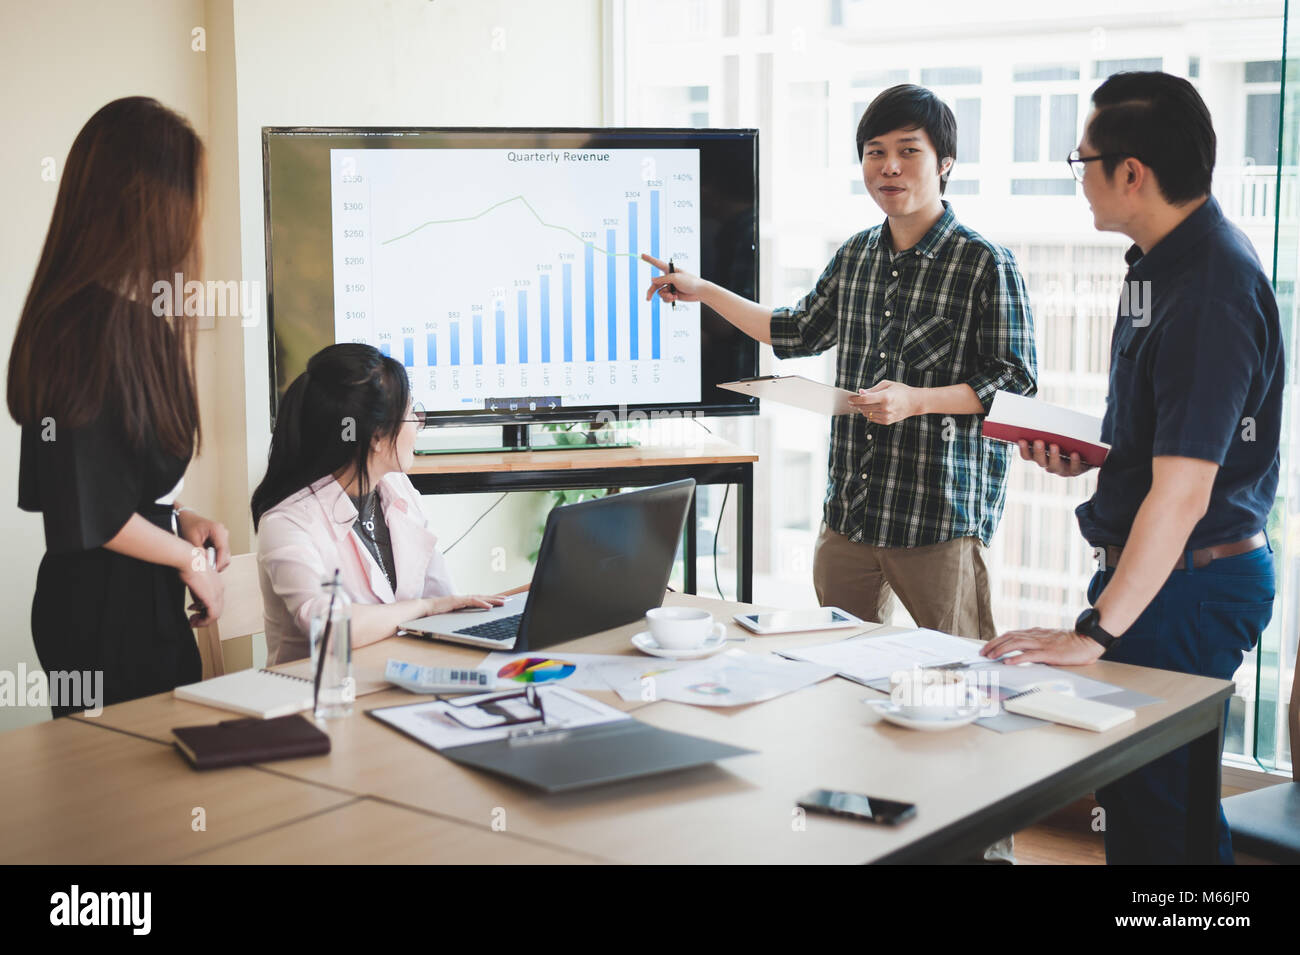 La empresaria asiática y debatir ideas con jóvenes hombre freelance en la sala de reuniones. Empresa co Imagen De Stock